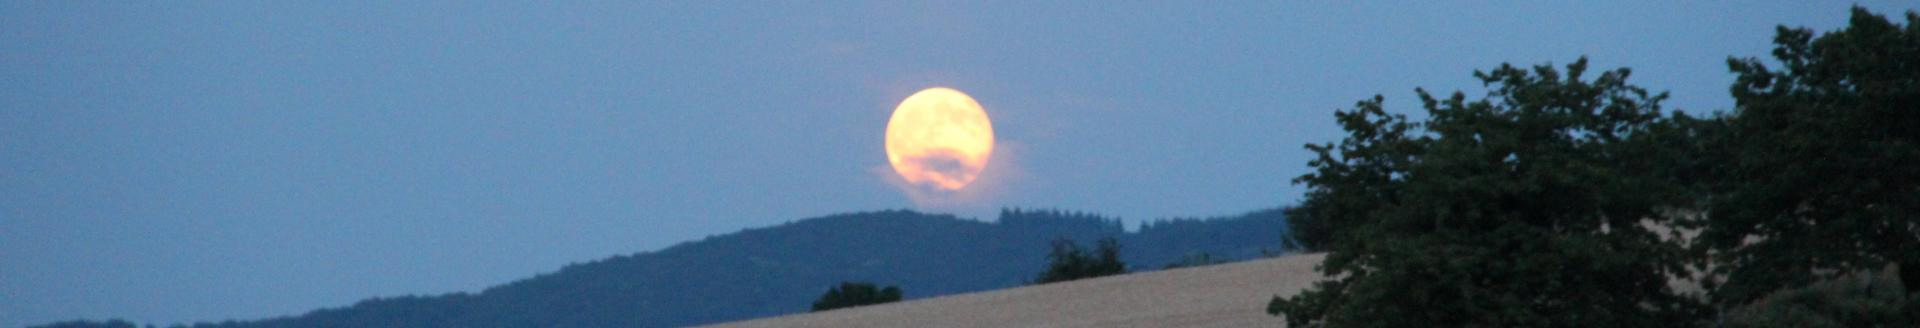 Lune bandeau